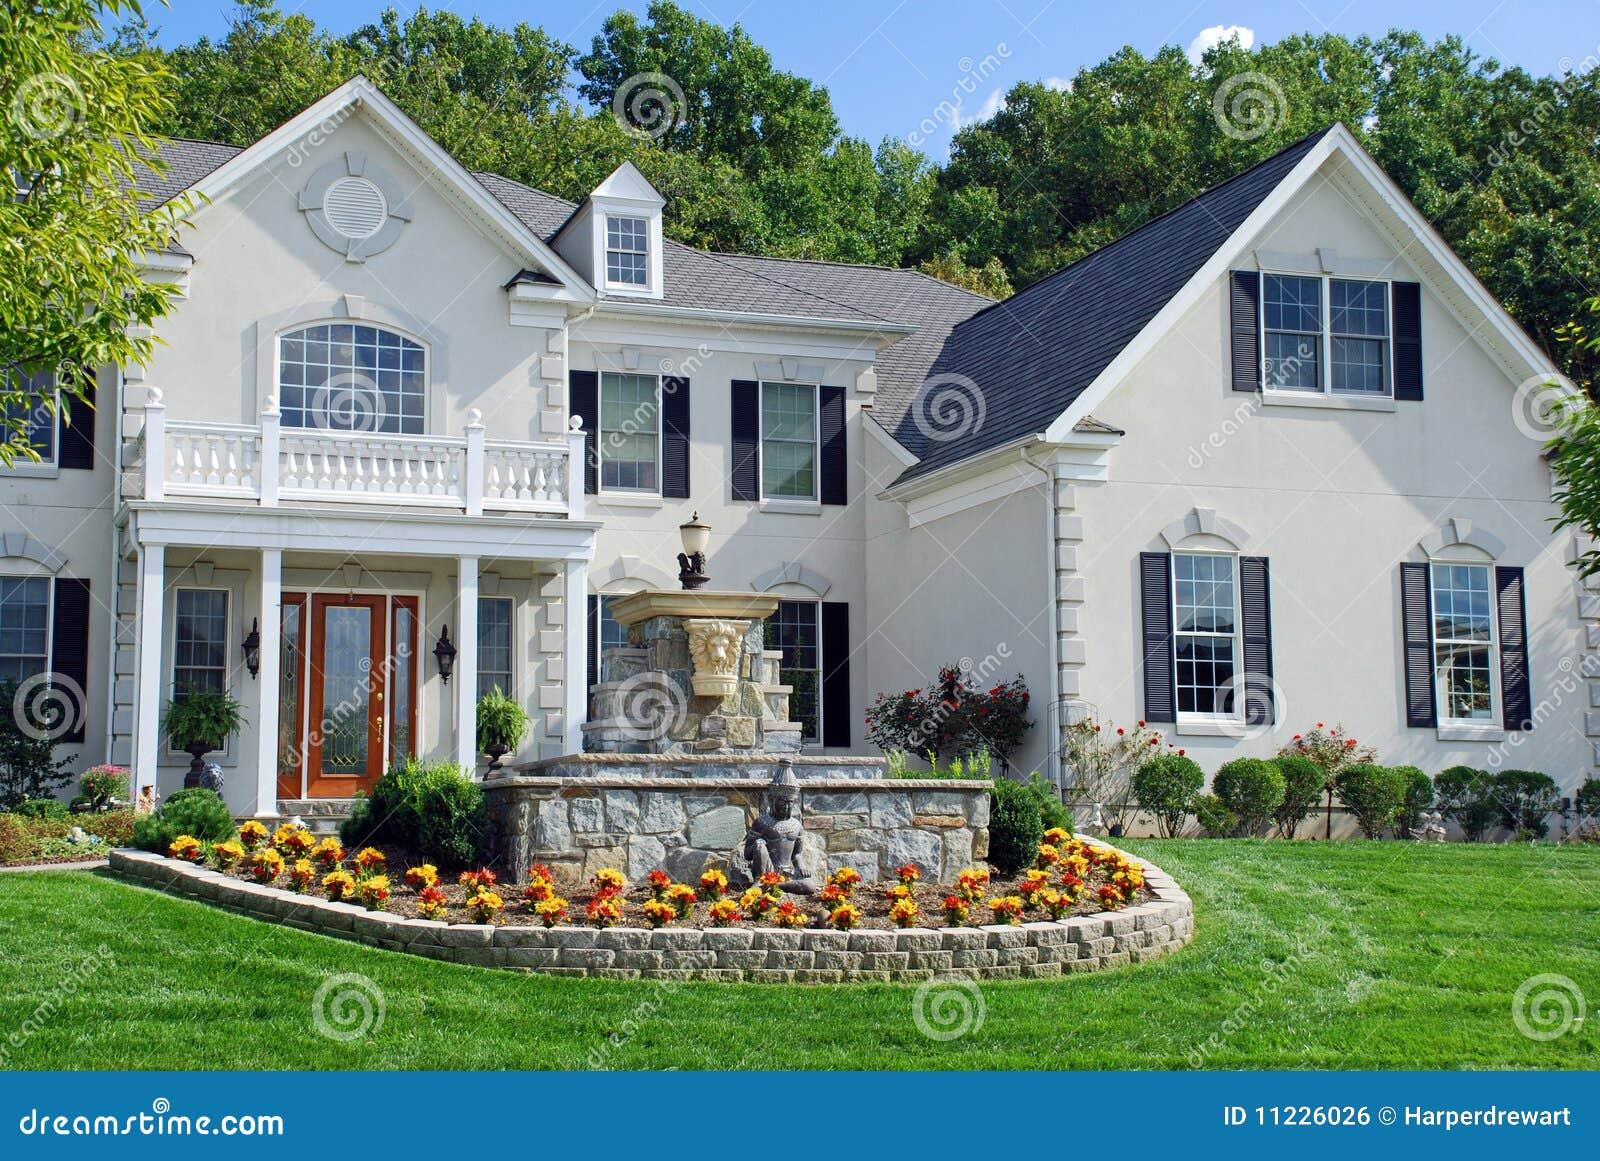 Case passive di lusso tutte le immagini per la for Piani di lusso per la casa